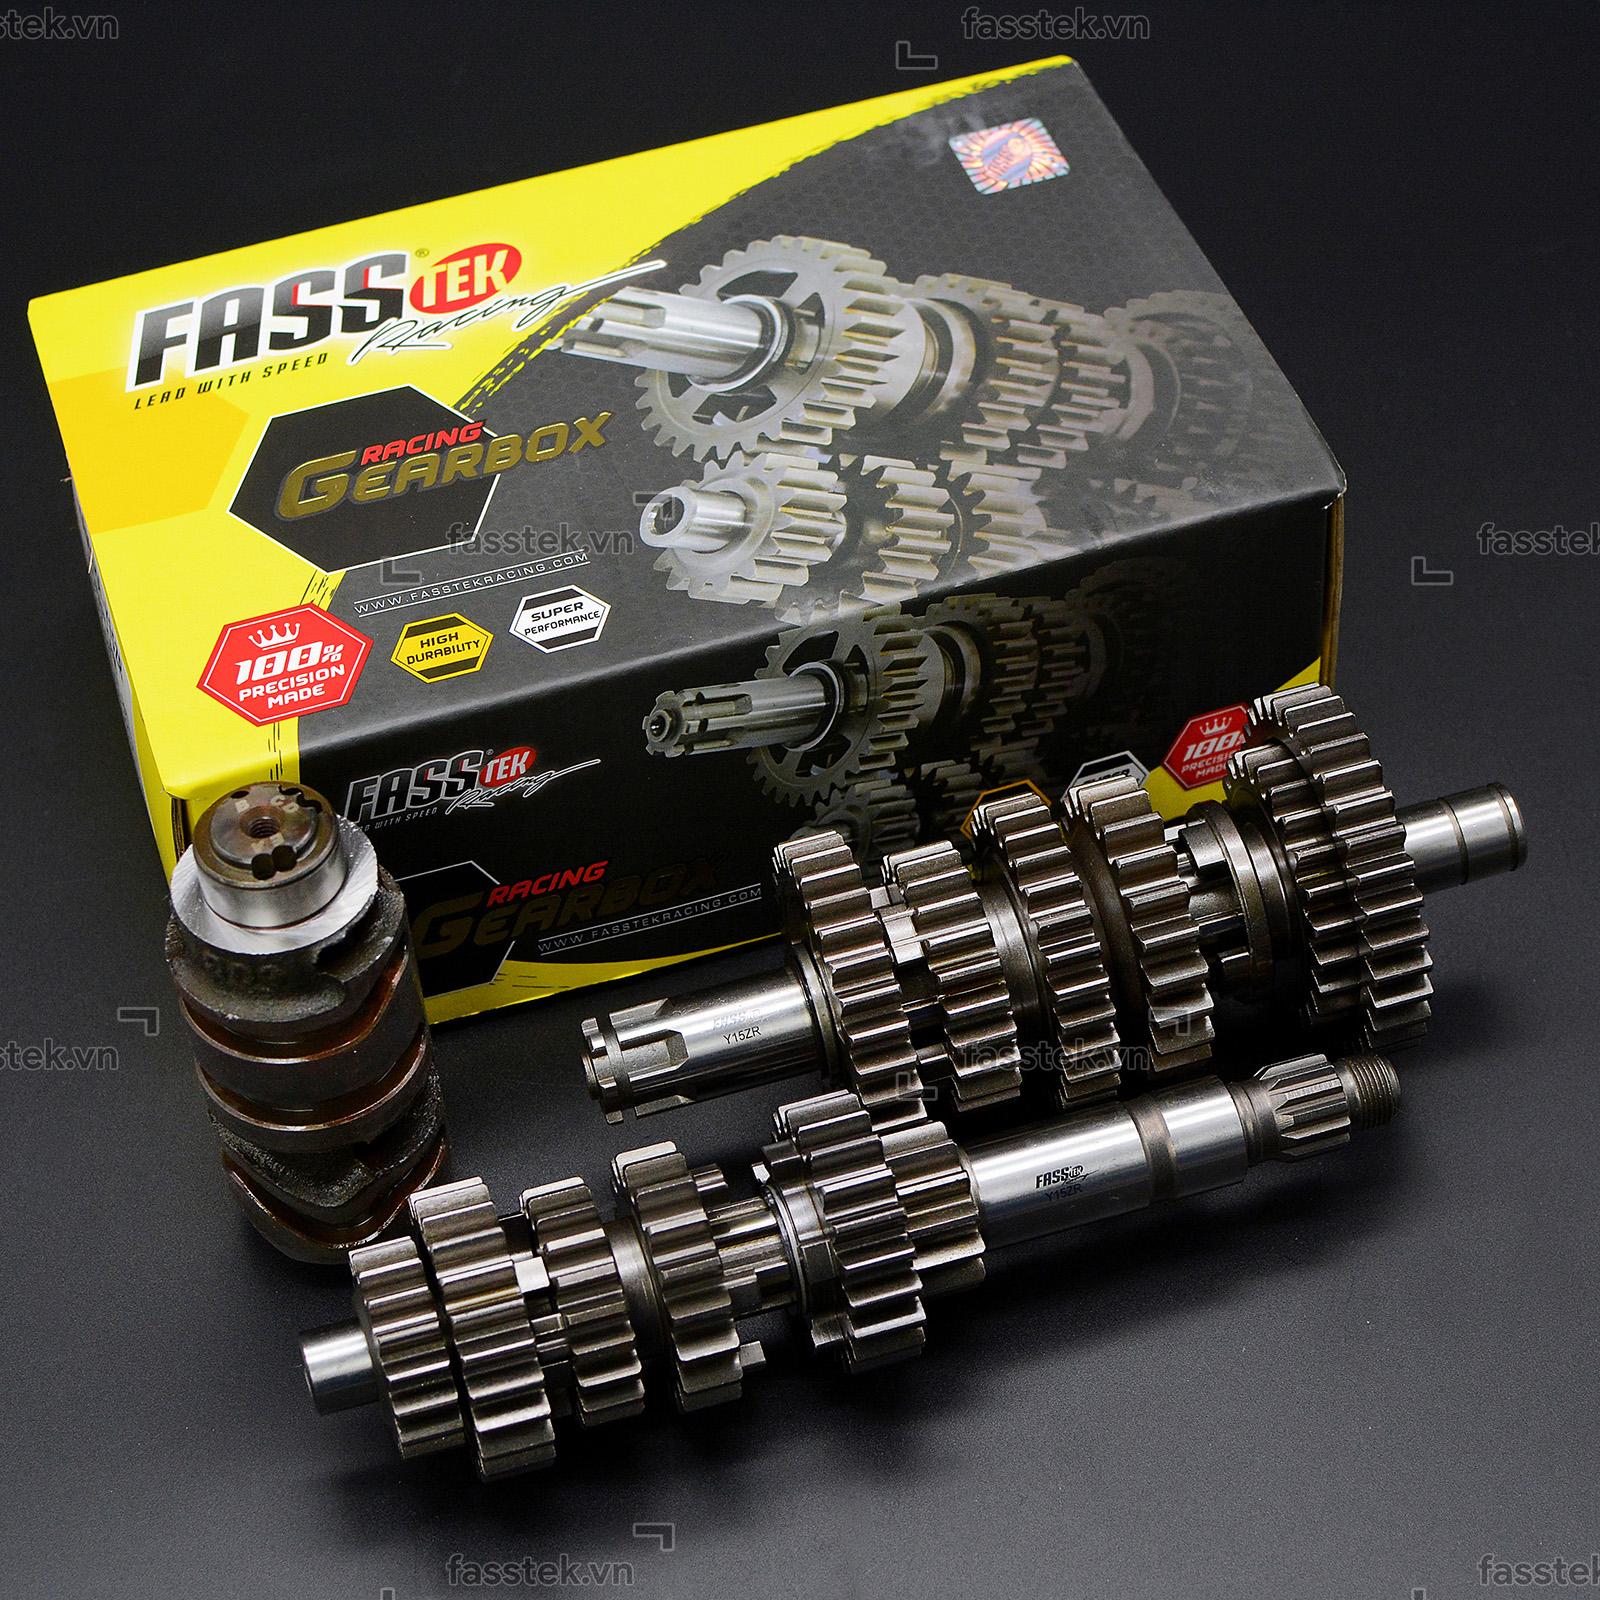 Bộ số đấu Fasstek Racing 6 số cho Exciter 135 5S/150